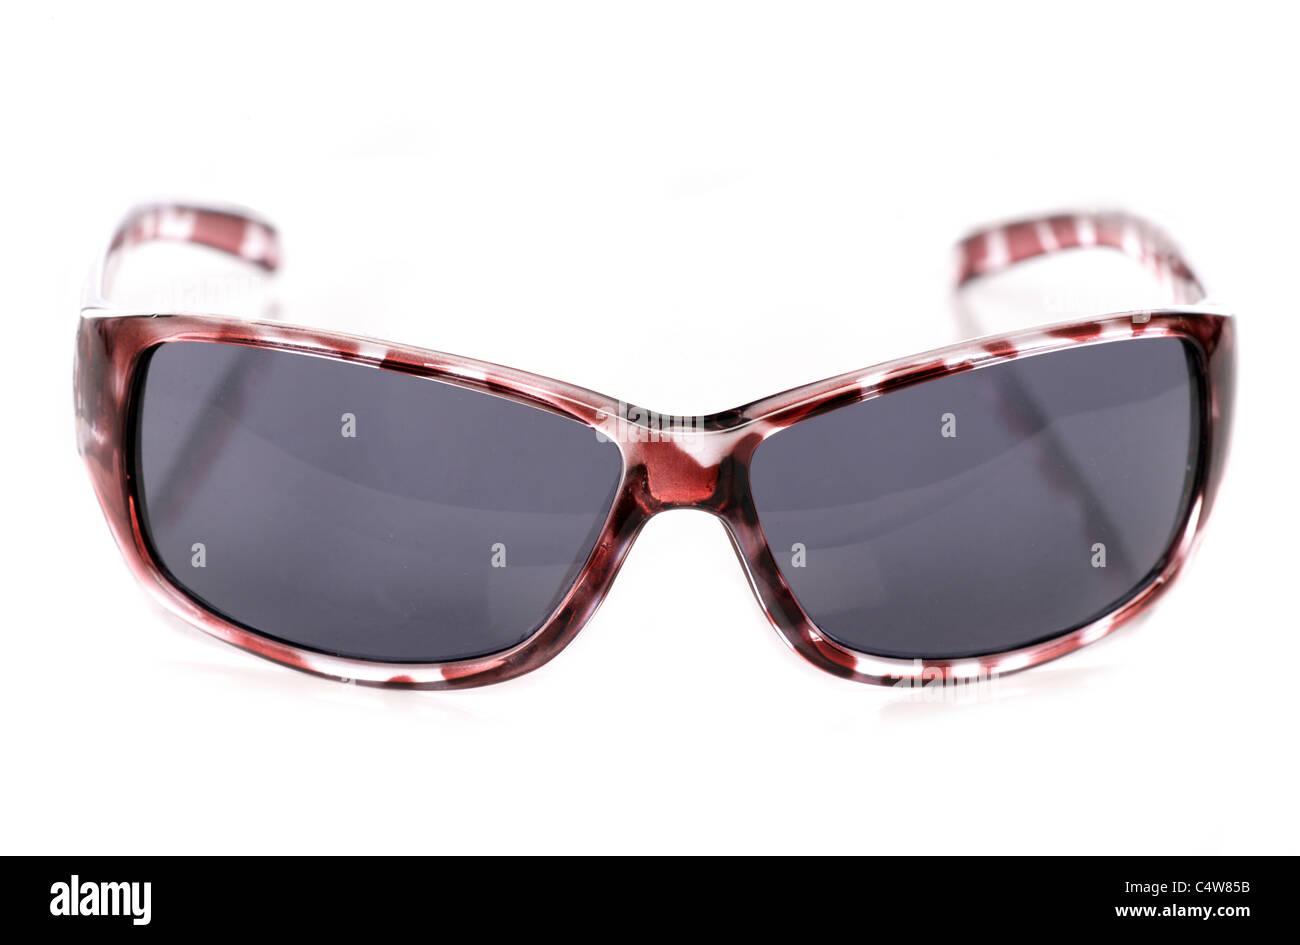 Damen Sonnenbrille isoliert auf weißem Hintergrund Stockfoto